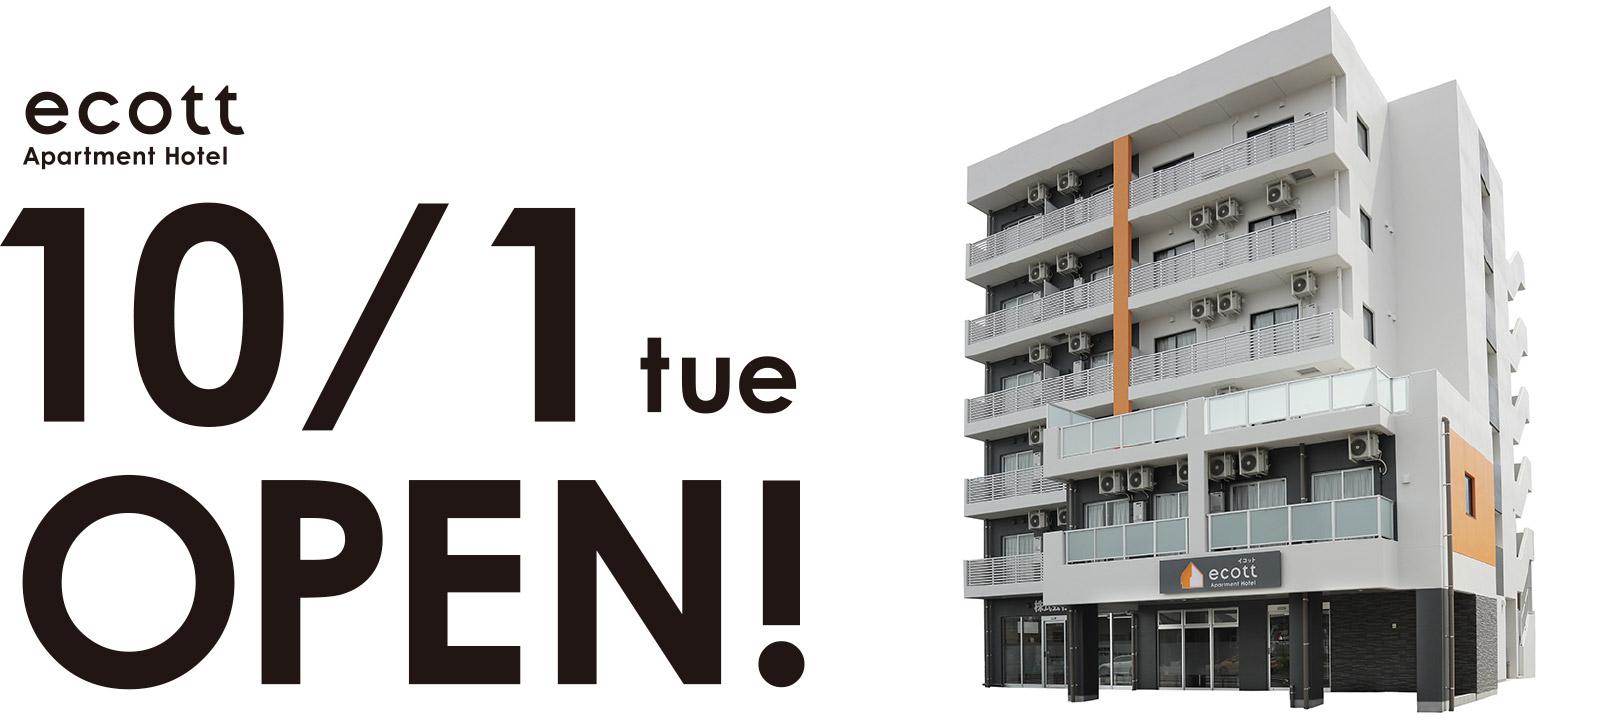 アパートメントホテル ecott(イコット) 2019年10月OPEN!